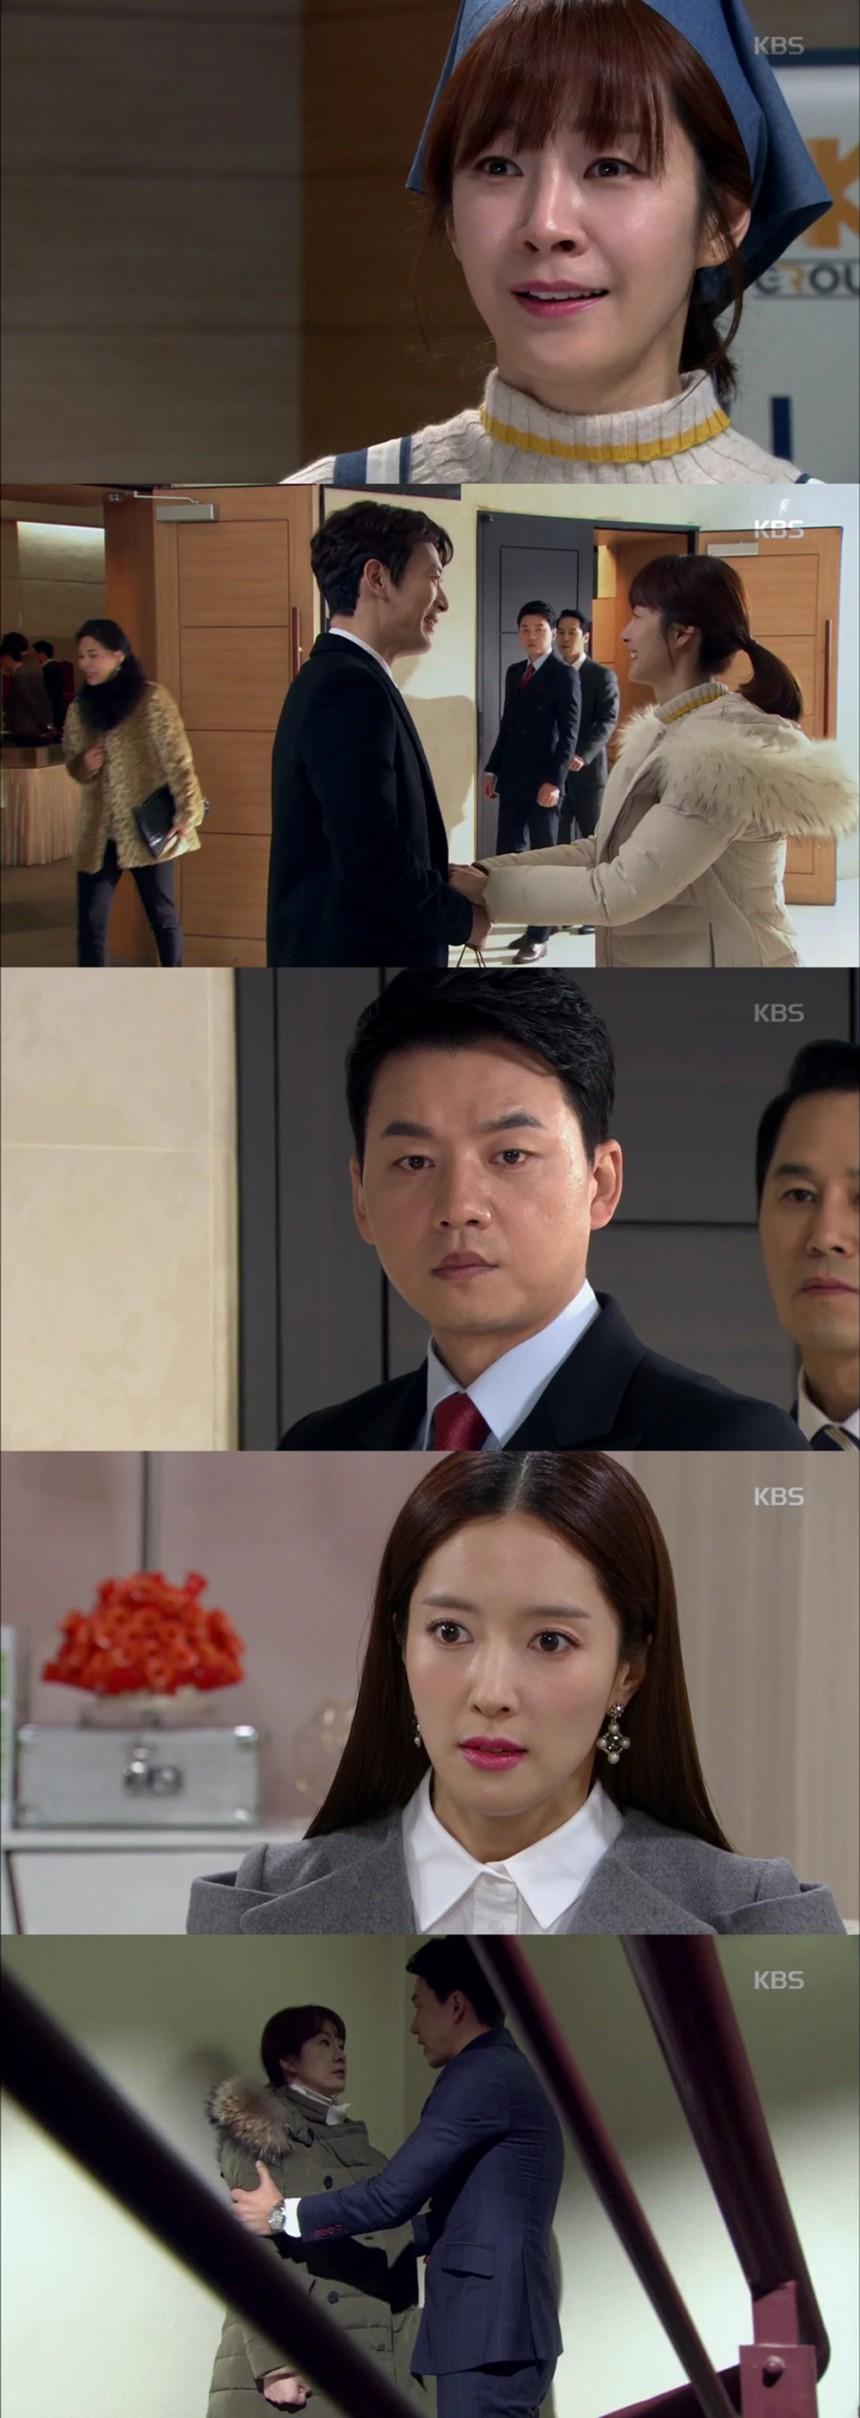 '다시 첫사랑'명세빈-김승수-왕빛나-박정철 / KBS2 '다시 첫사랑' 방송캡처